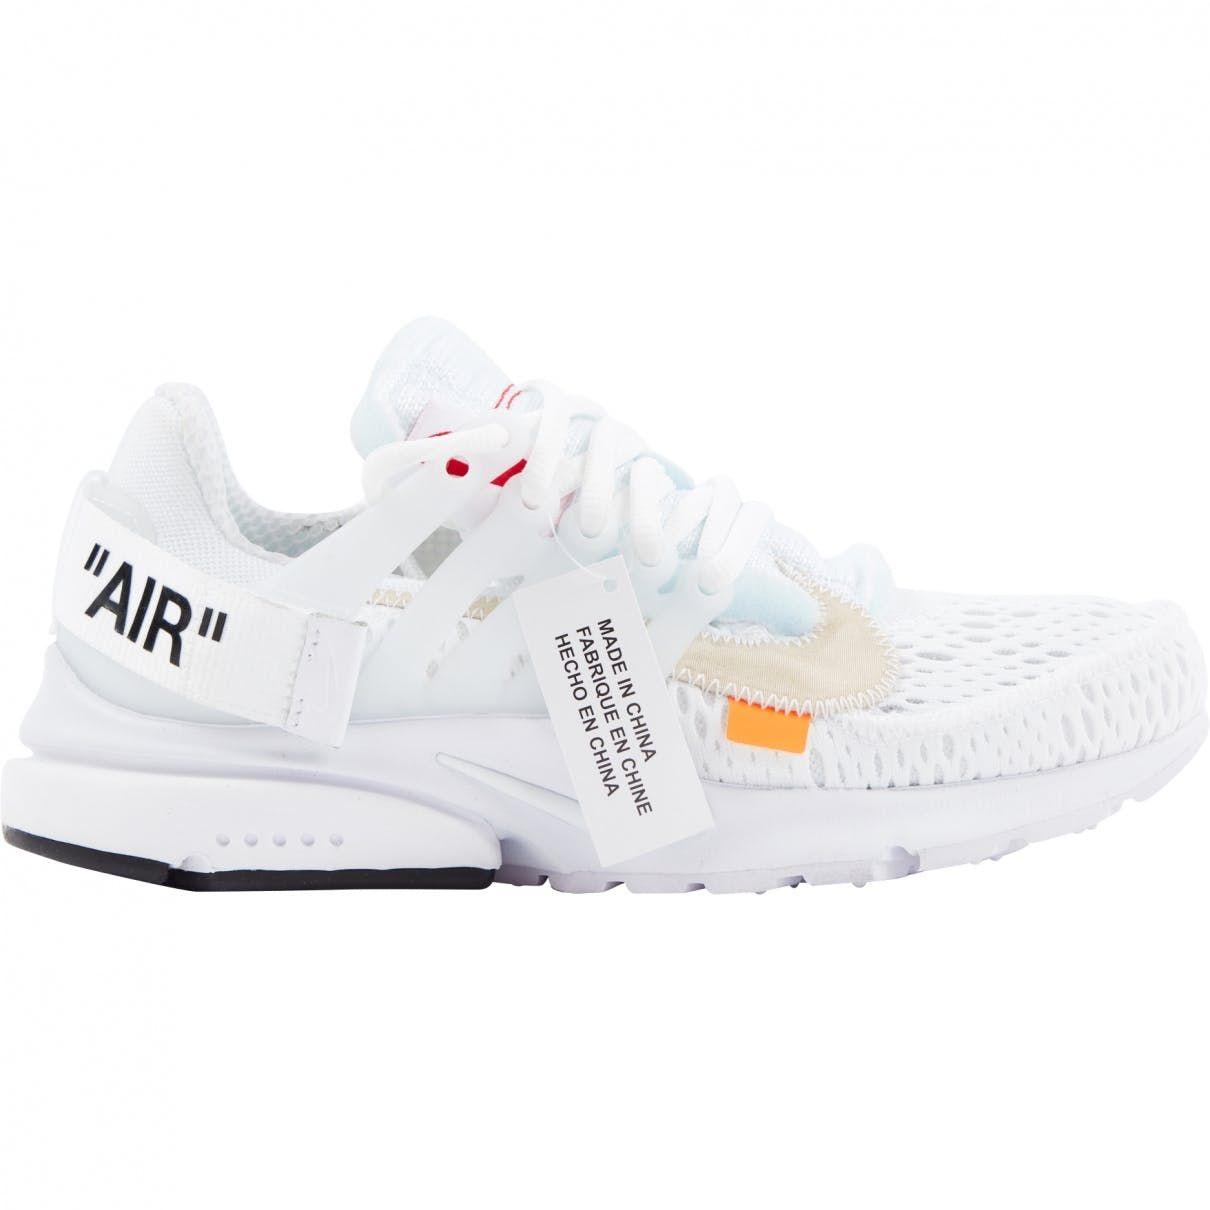 5da922a9eec2 Off-White Nike X Off White Nike X Presto White Cloth Trainers in ...